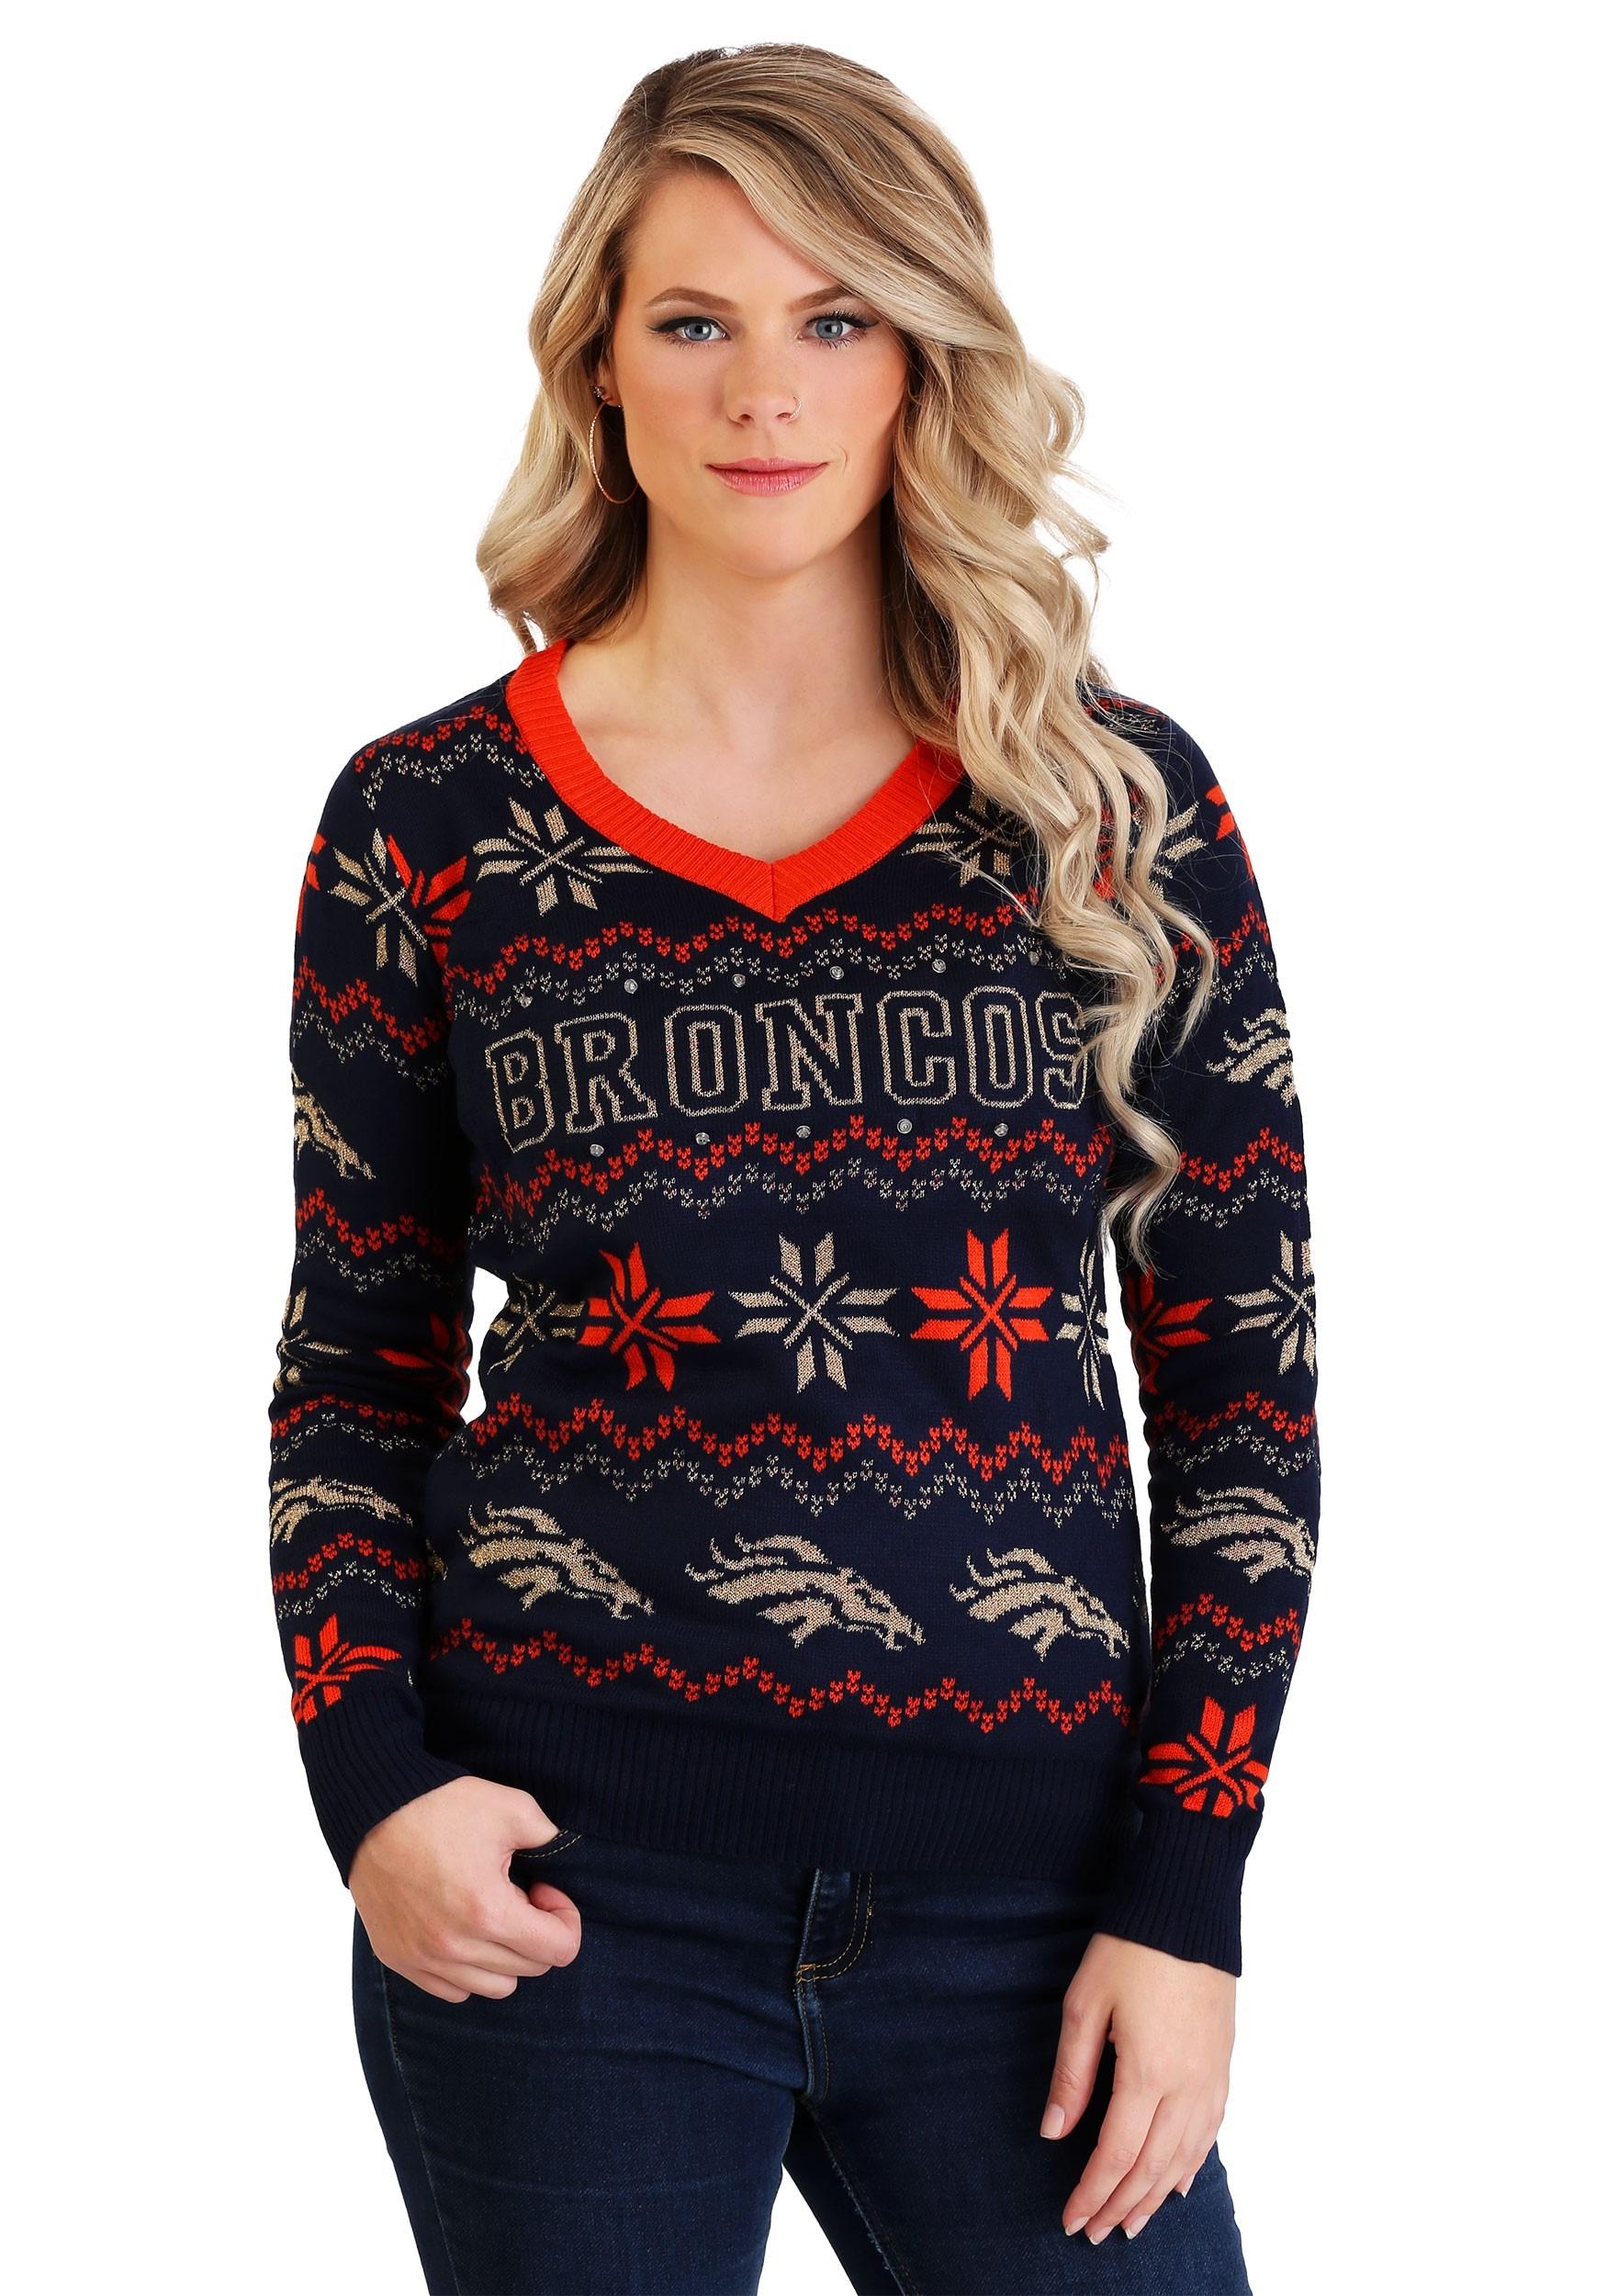 832a1562 Denver Broncos Women's Light Up V-Neck Bluetooth Sweater